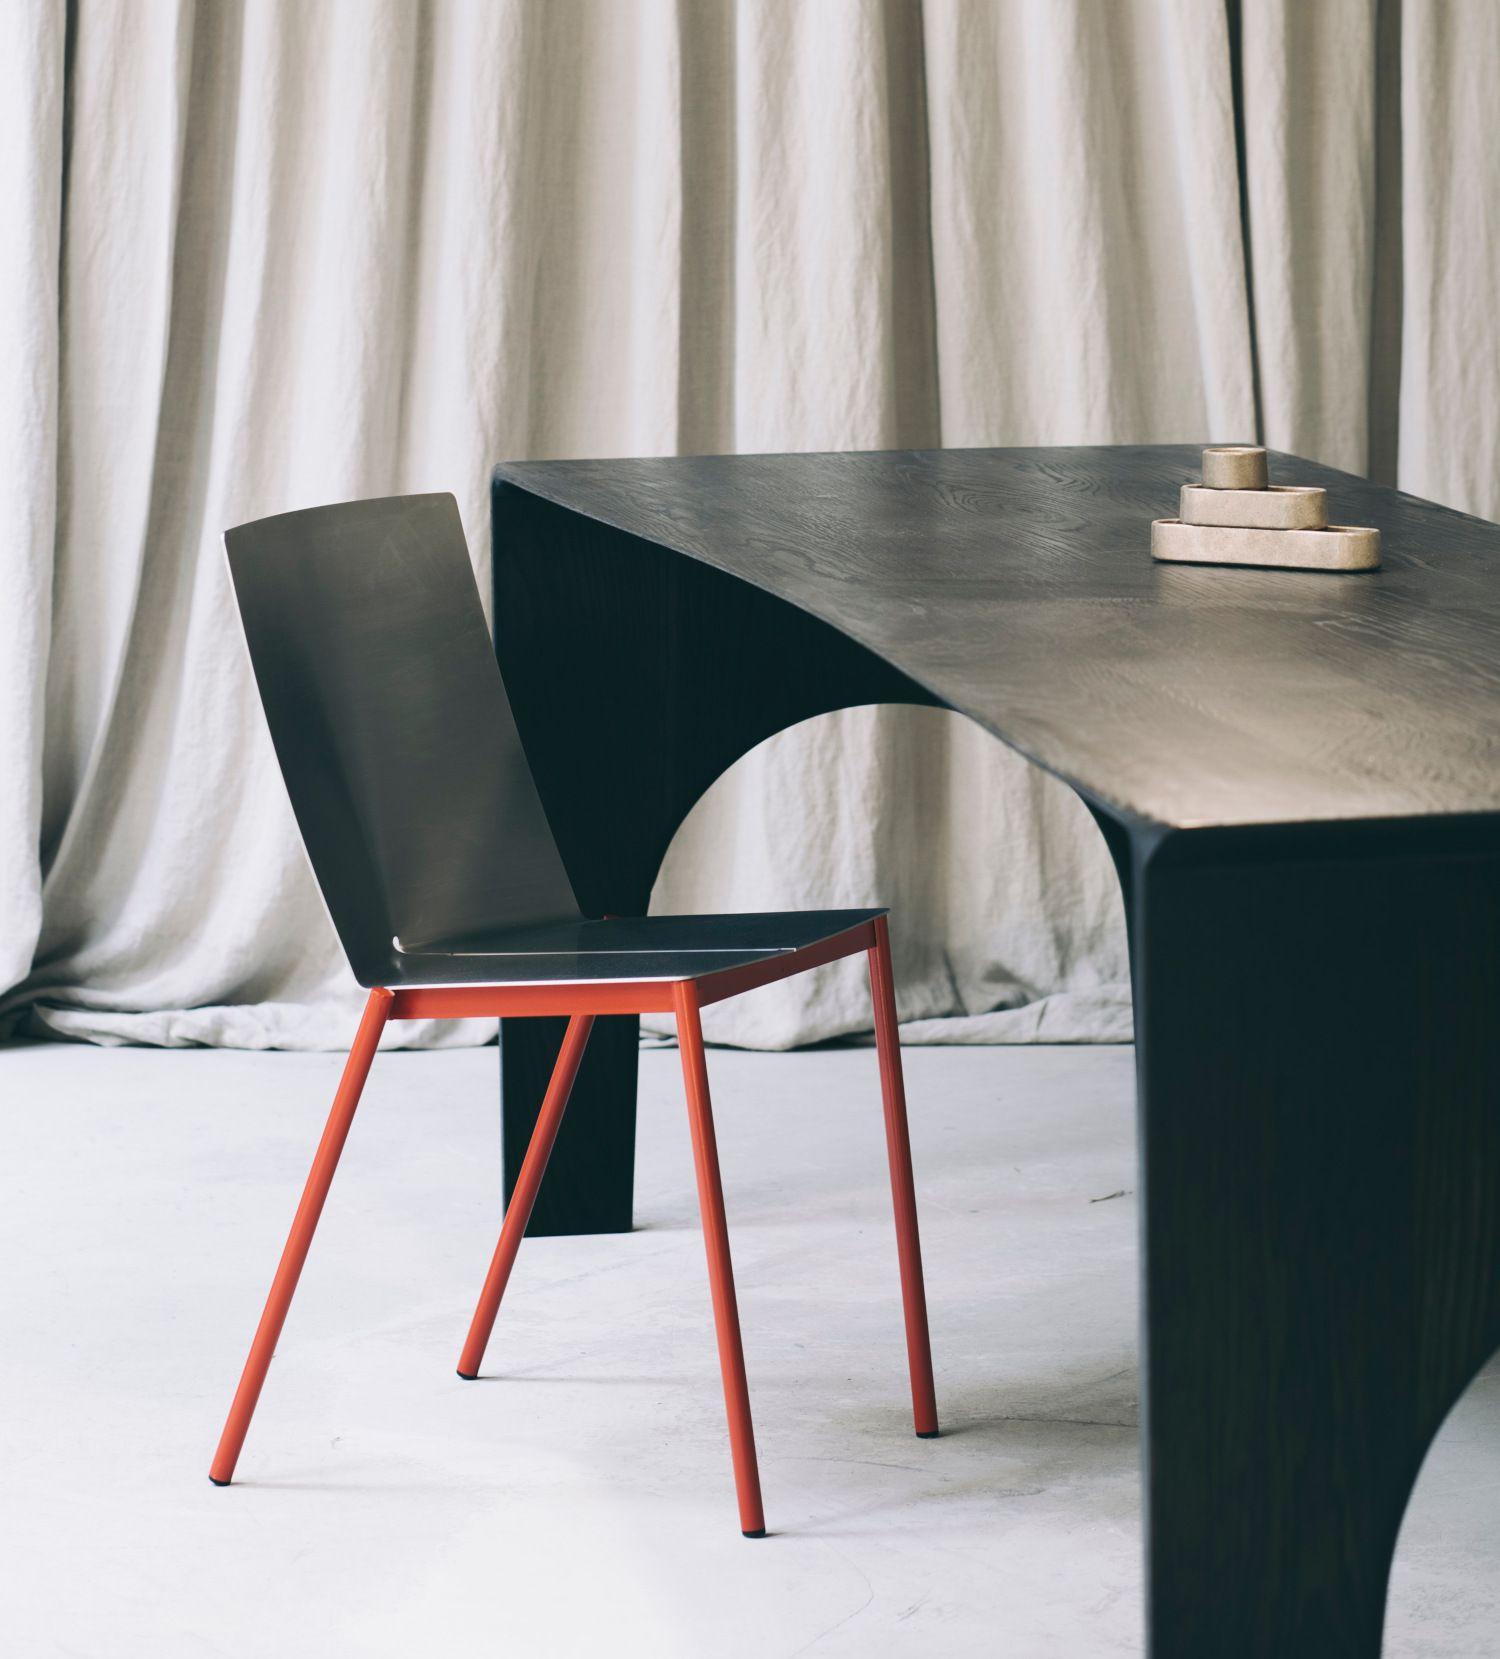 Folded Chair 01 La Chaise Pliee Par Erno Dierckx Blog Esprit Design Chaise Mobilier Design